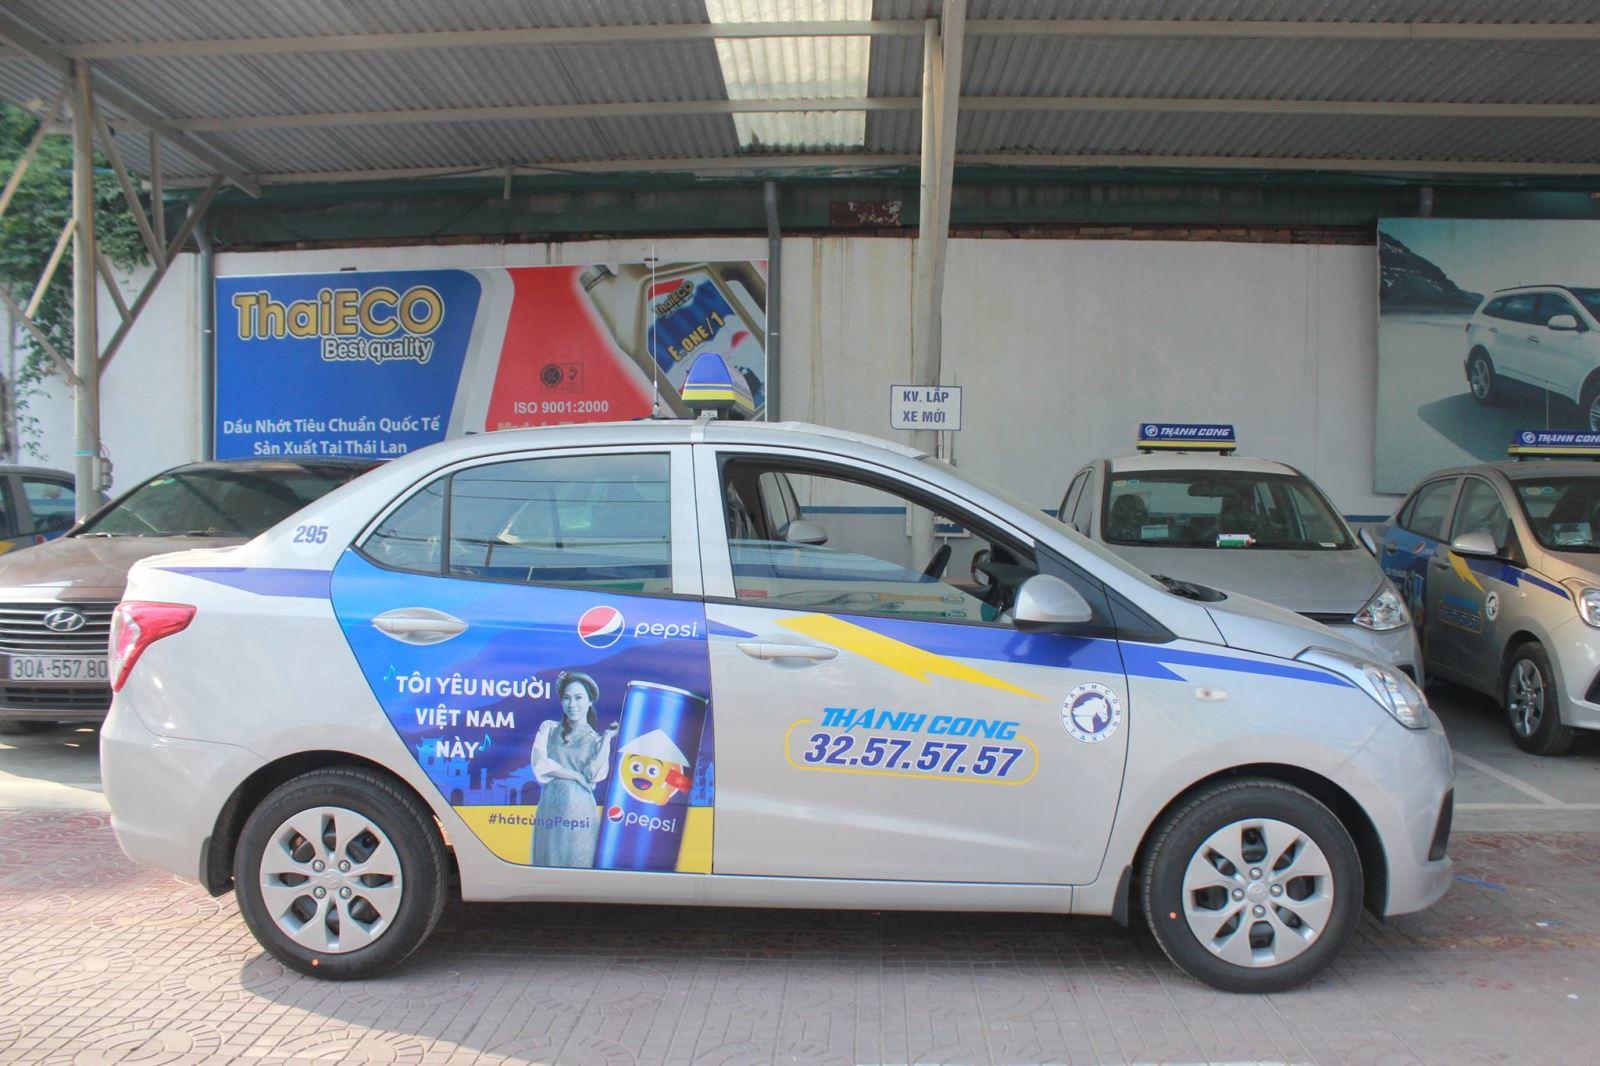 Quảng cáo trên xe ngày càng phổ biến và được các doanh nghiệp vô cùng ưa chuộng